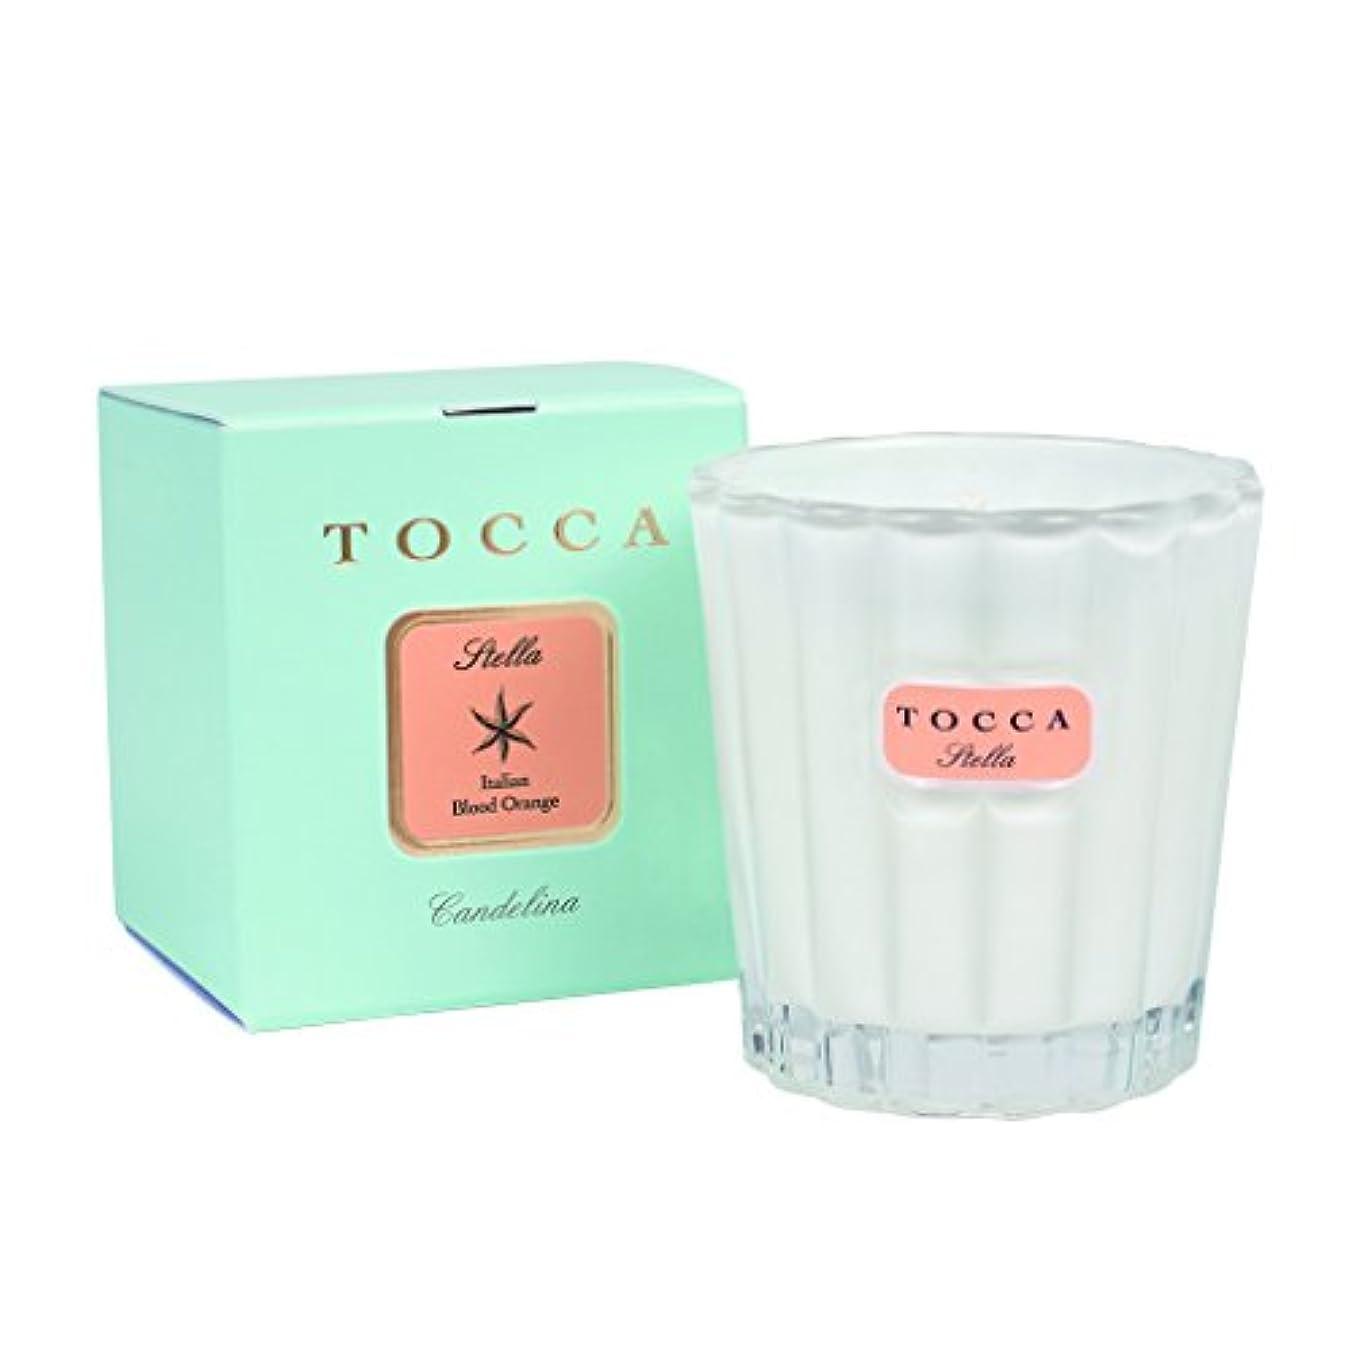 不屈可塑性百年トッカ(TOCCA) キャンデリーナ ステラ 88g (キャンドル ろうそく シトラス系でありながらほんのり甘く苦味を感じることのないさわやかな香り)